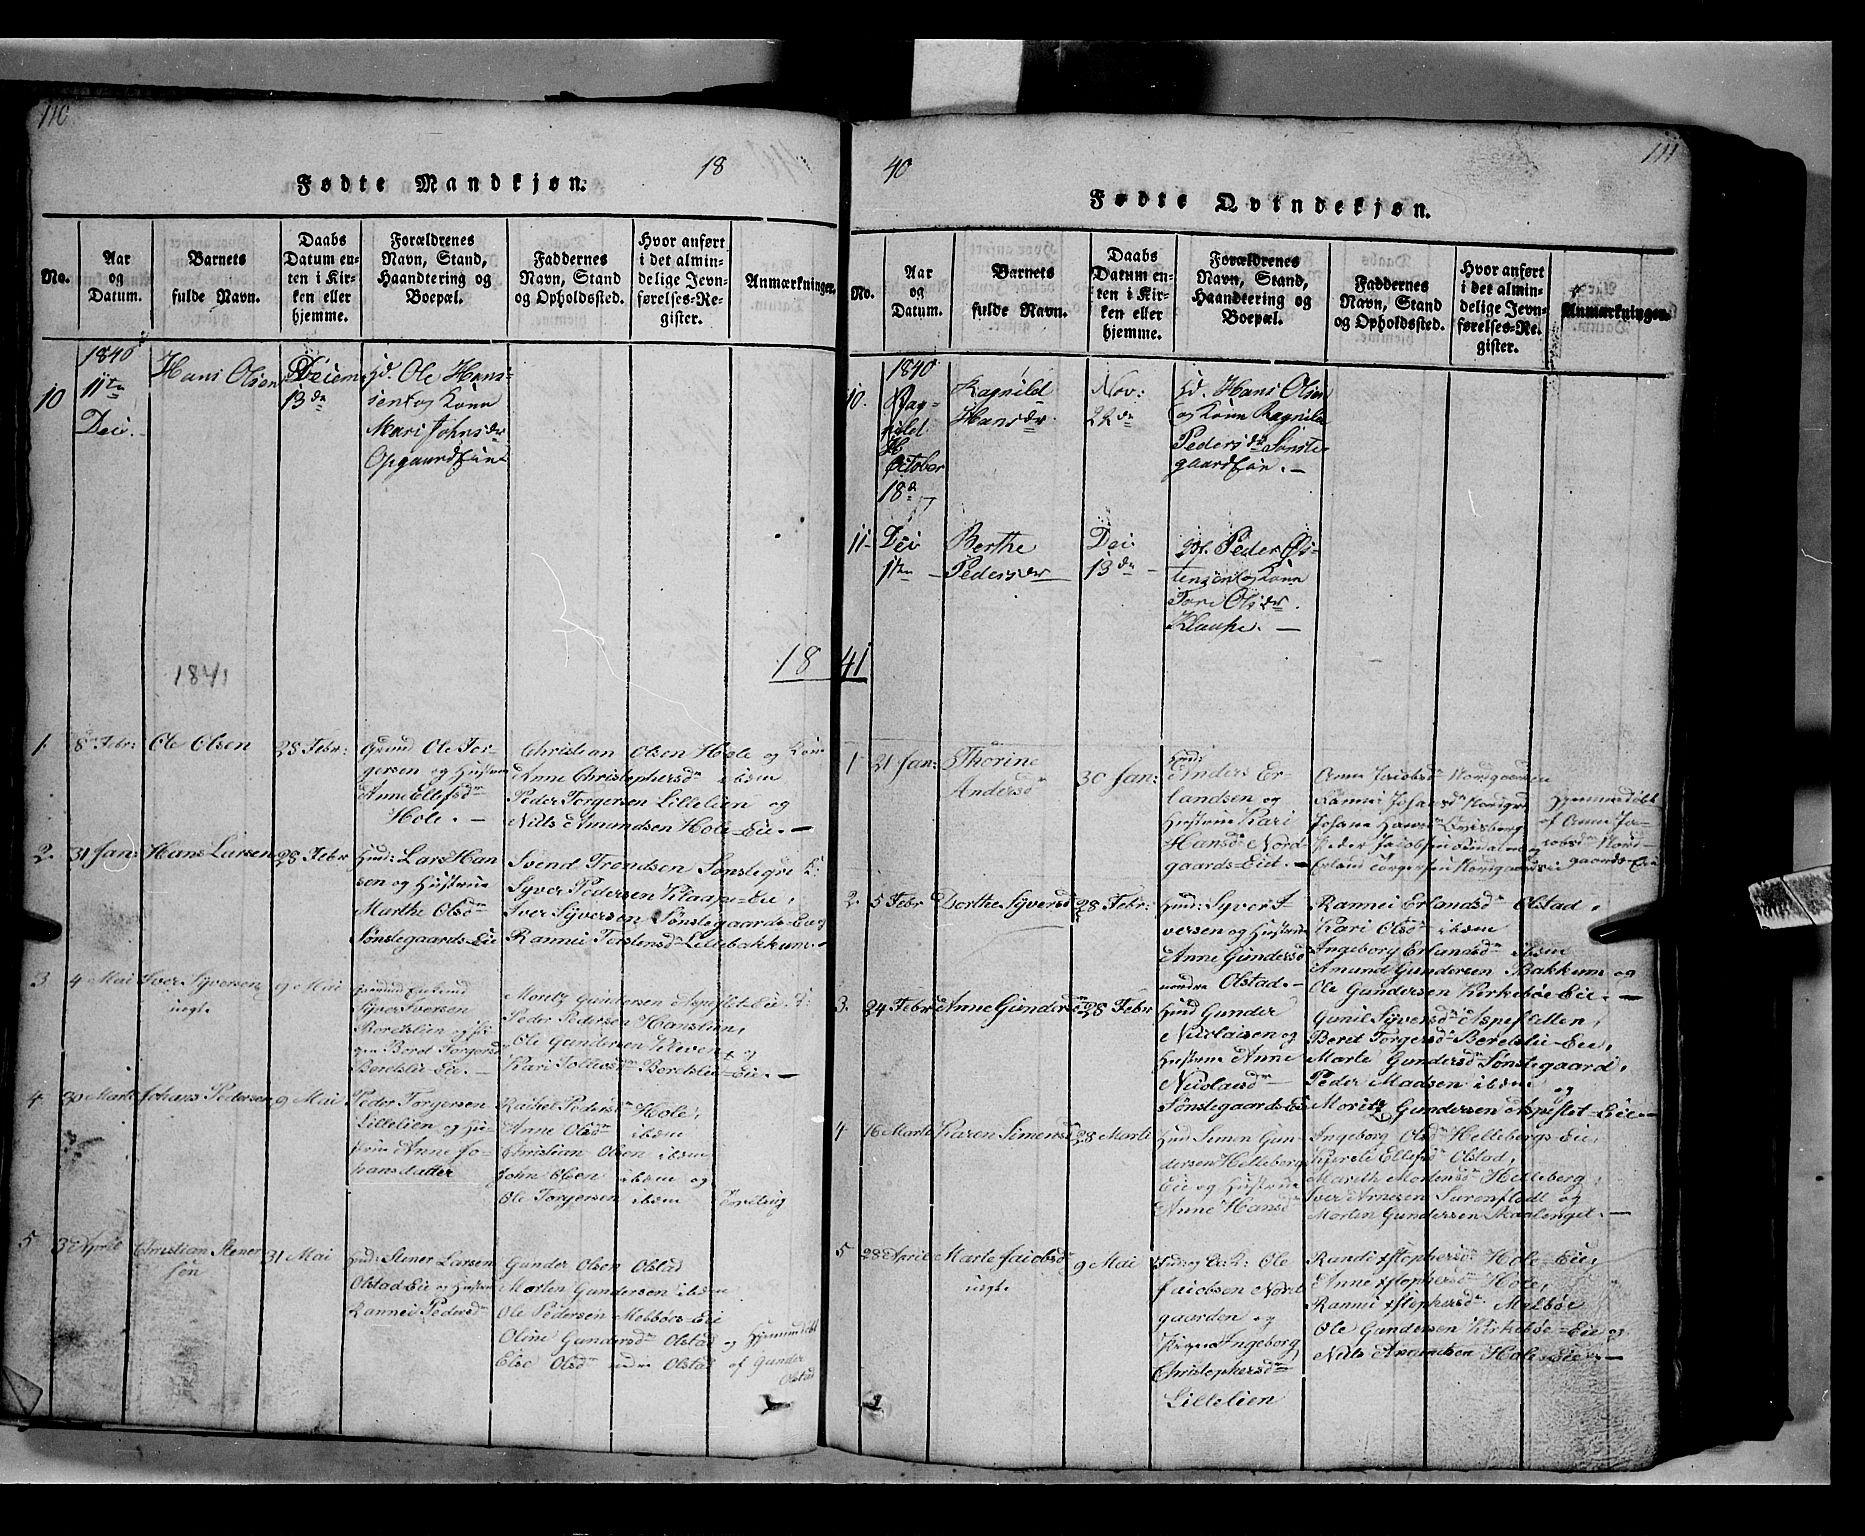 SAH, Gausdal prestekontor, Klokkerbok nr. 2, 1818-1874, s. 110-111